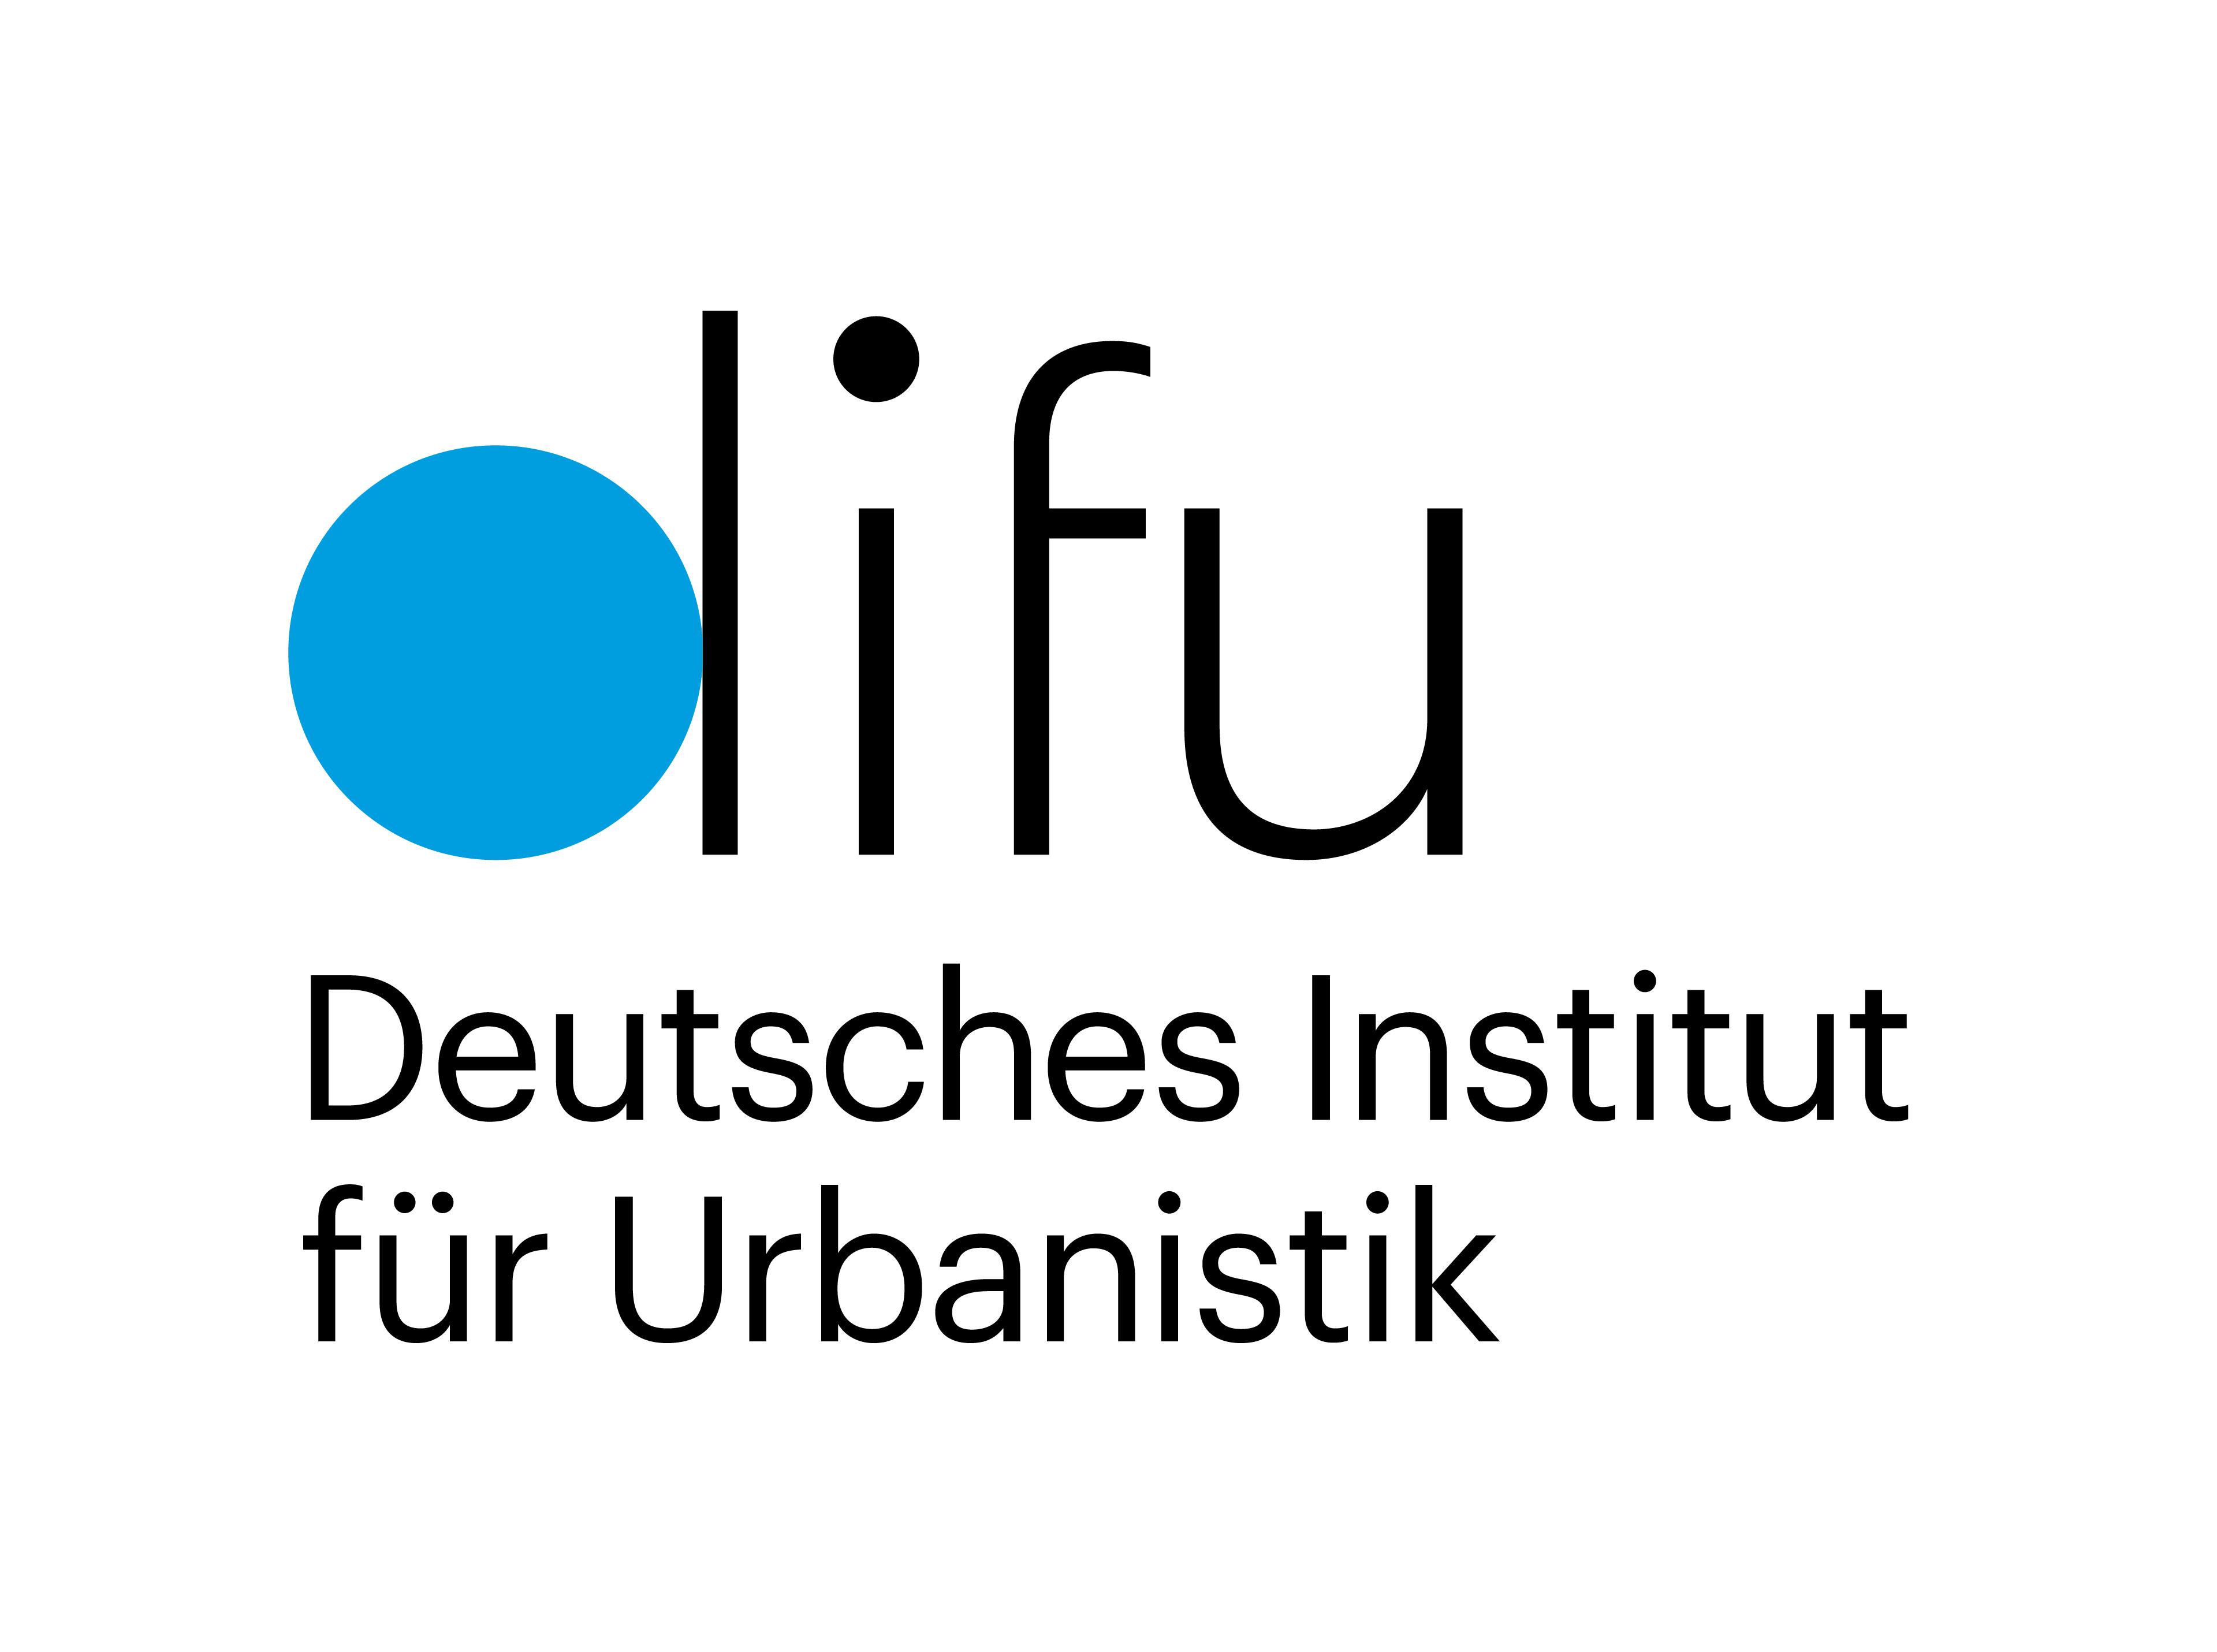 DIFU Deutsches Institut für Urbanistik